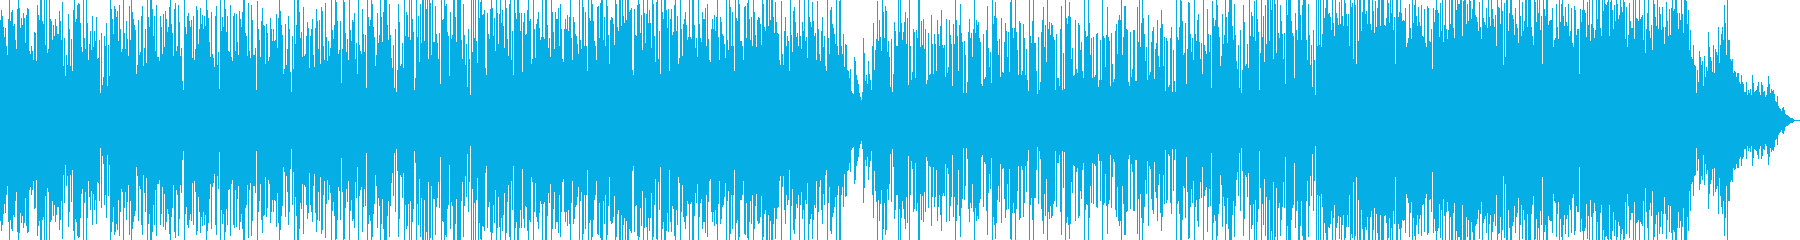 高音質♪和風アジア風琴と笛の曲の再生済みの波形